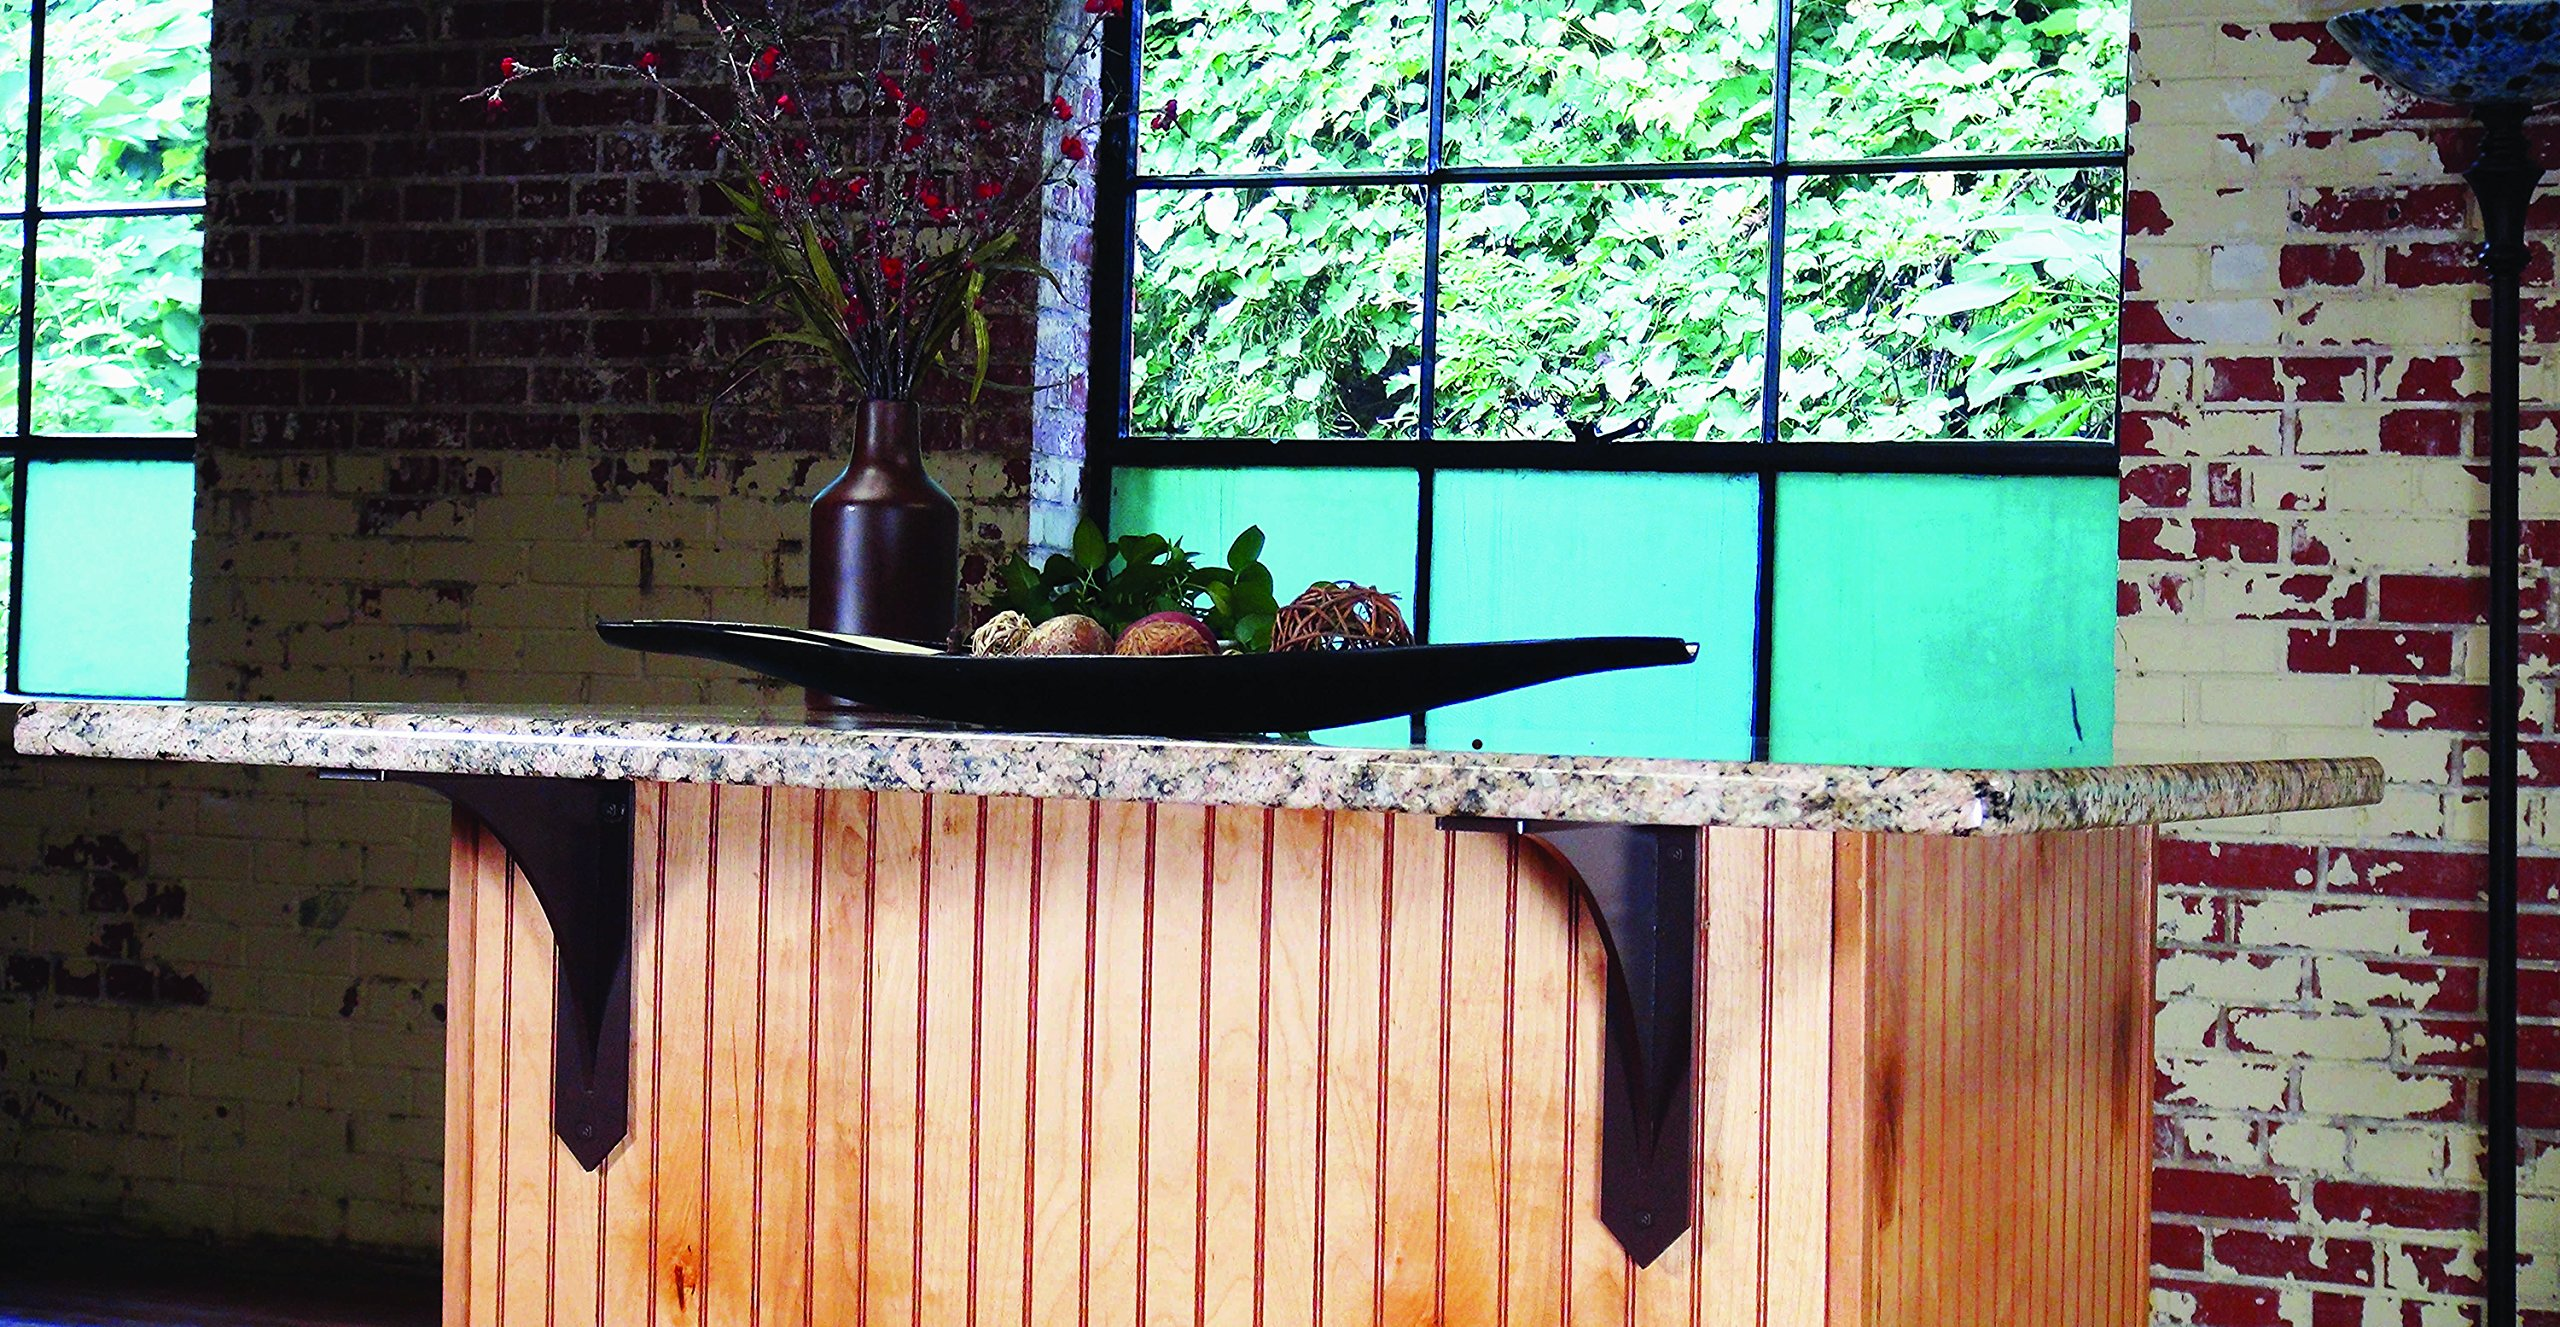 Arrowwood Countertop Brace (8'', Steel) by Federal Brace